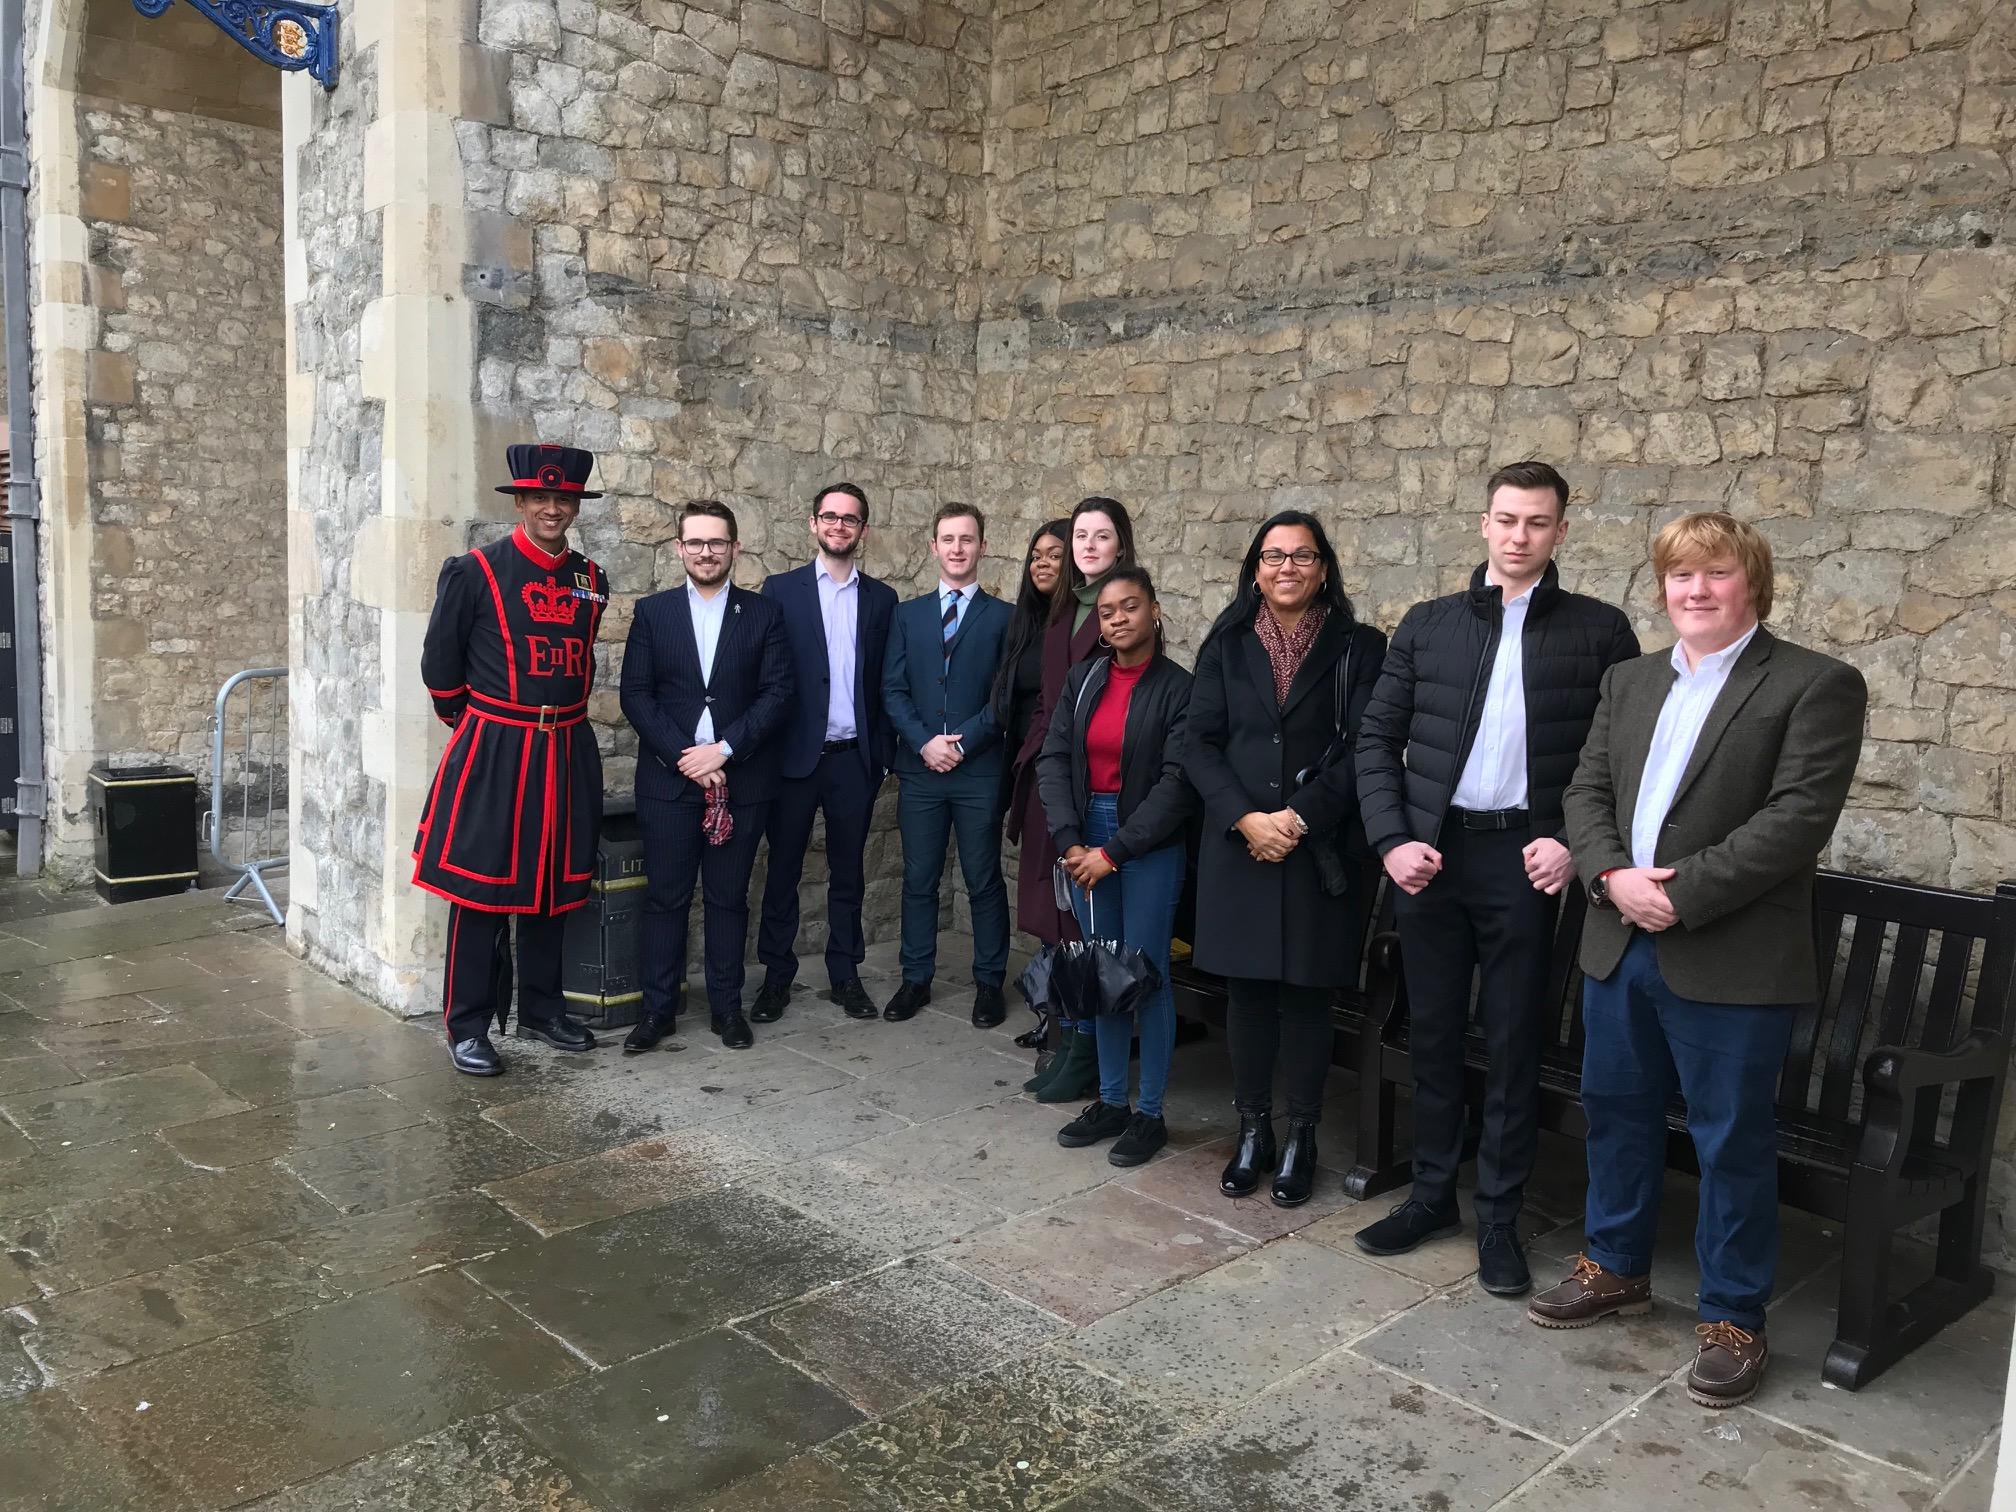 Tower of London Tour April 2019.jpeg